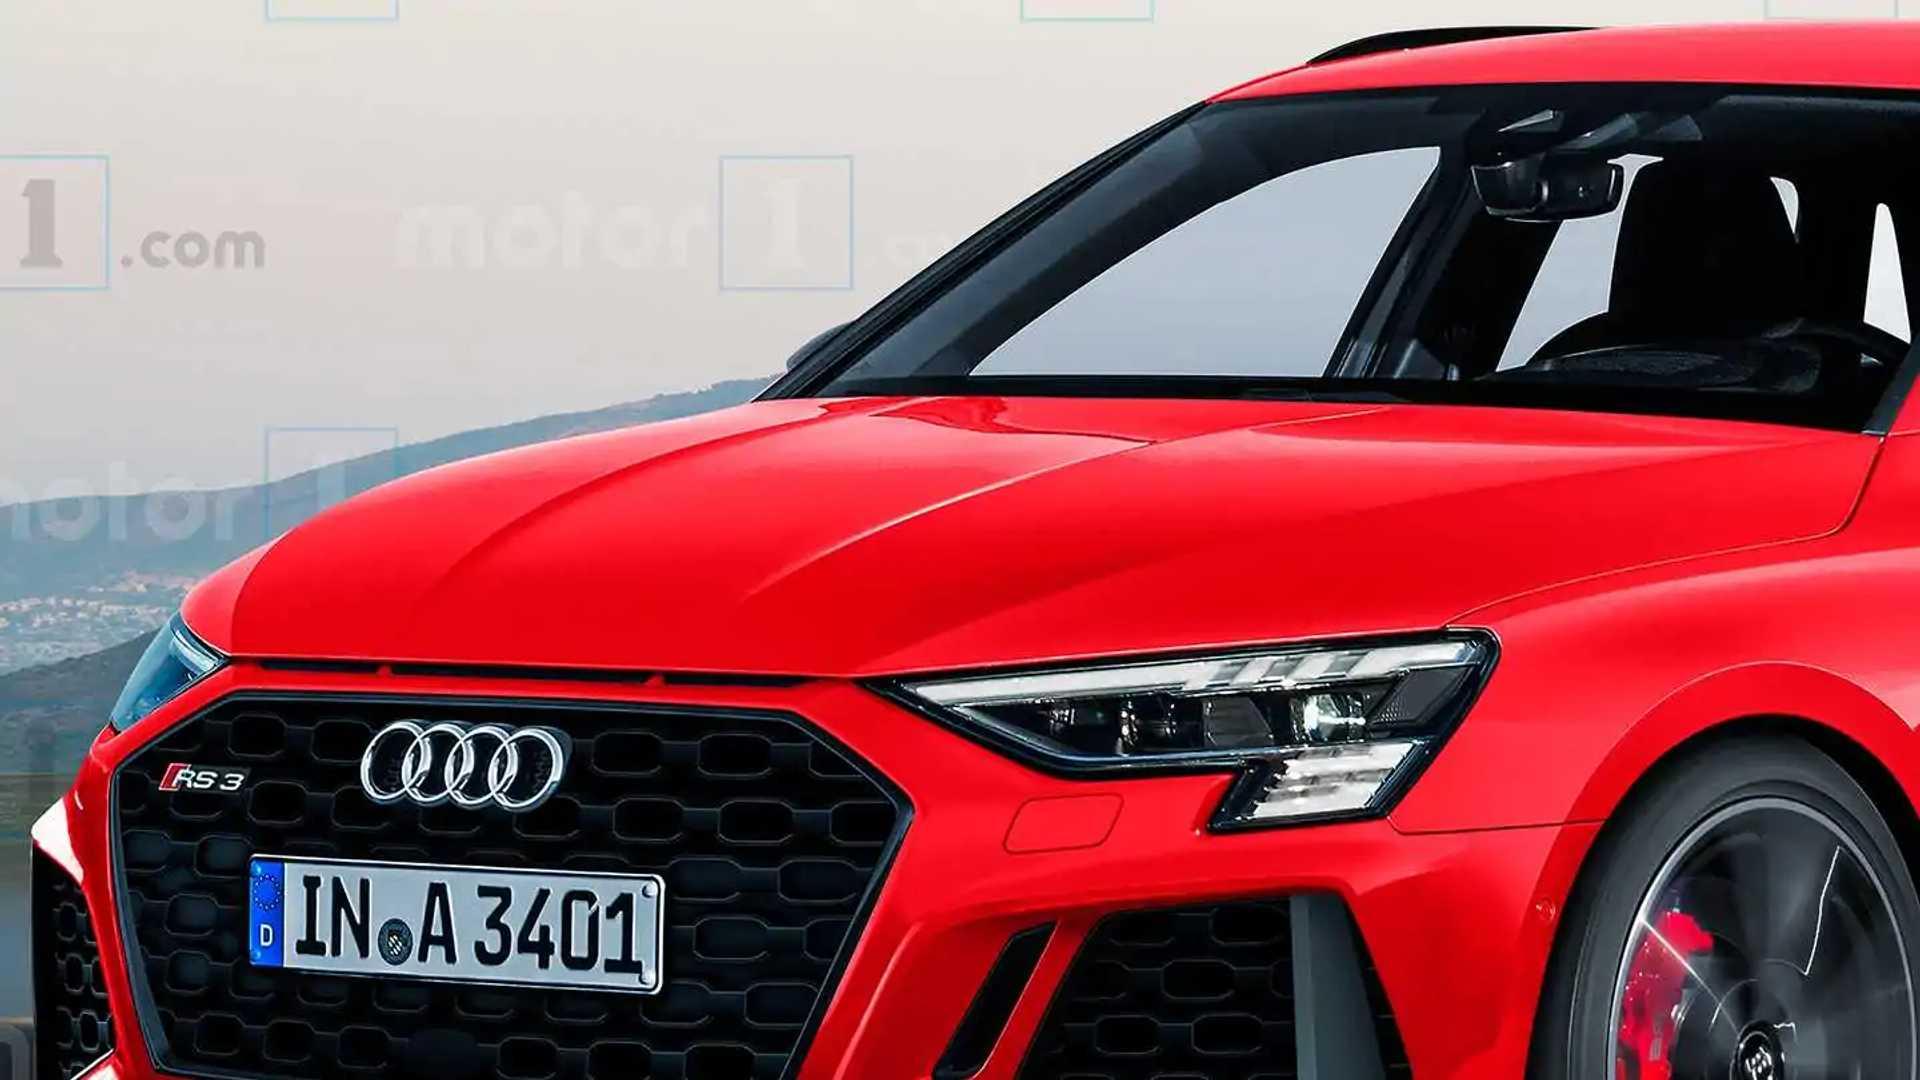 Projecao Audi Rs3 Sportback 2021 Tera Motor 2 5 Turbo Com Mais De 400 Cv